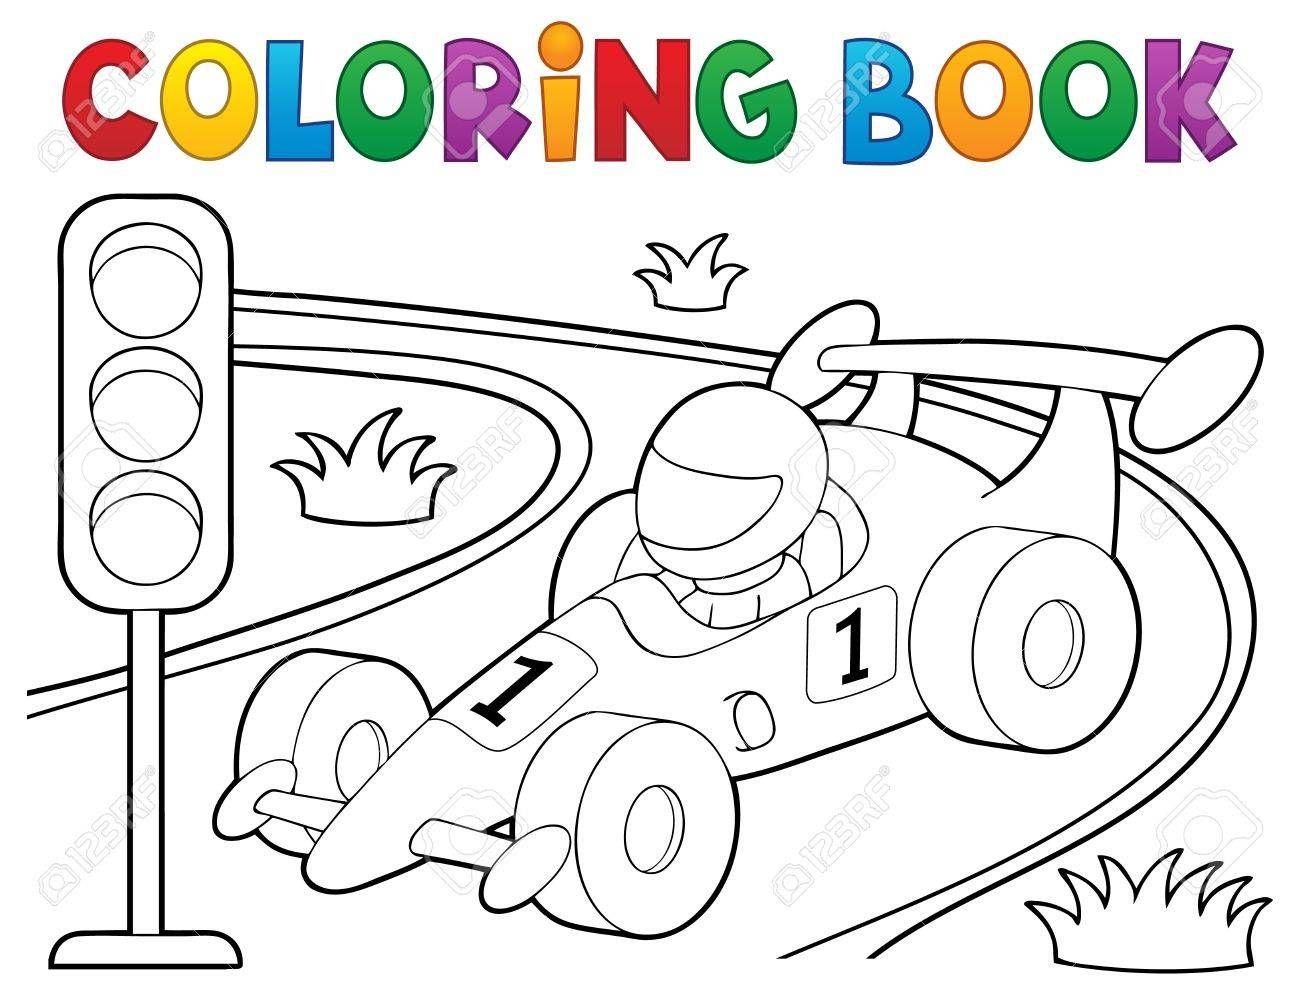 Coloring Book Racing Car Theme 1 Eps10 Vector Illustration Ad Racing Car Coloring Book Vector Coloring Books Vector Illustration Clip Art